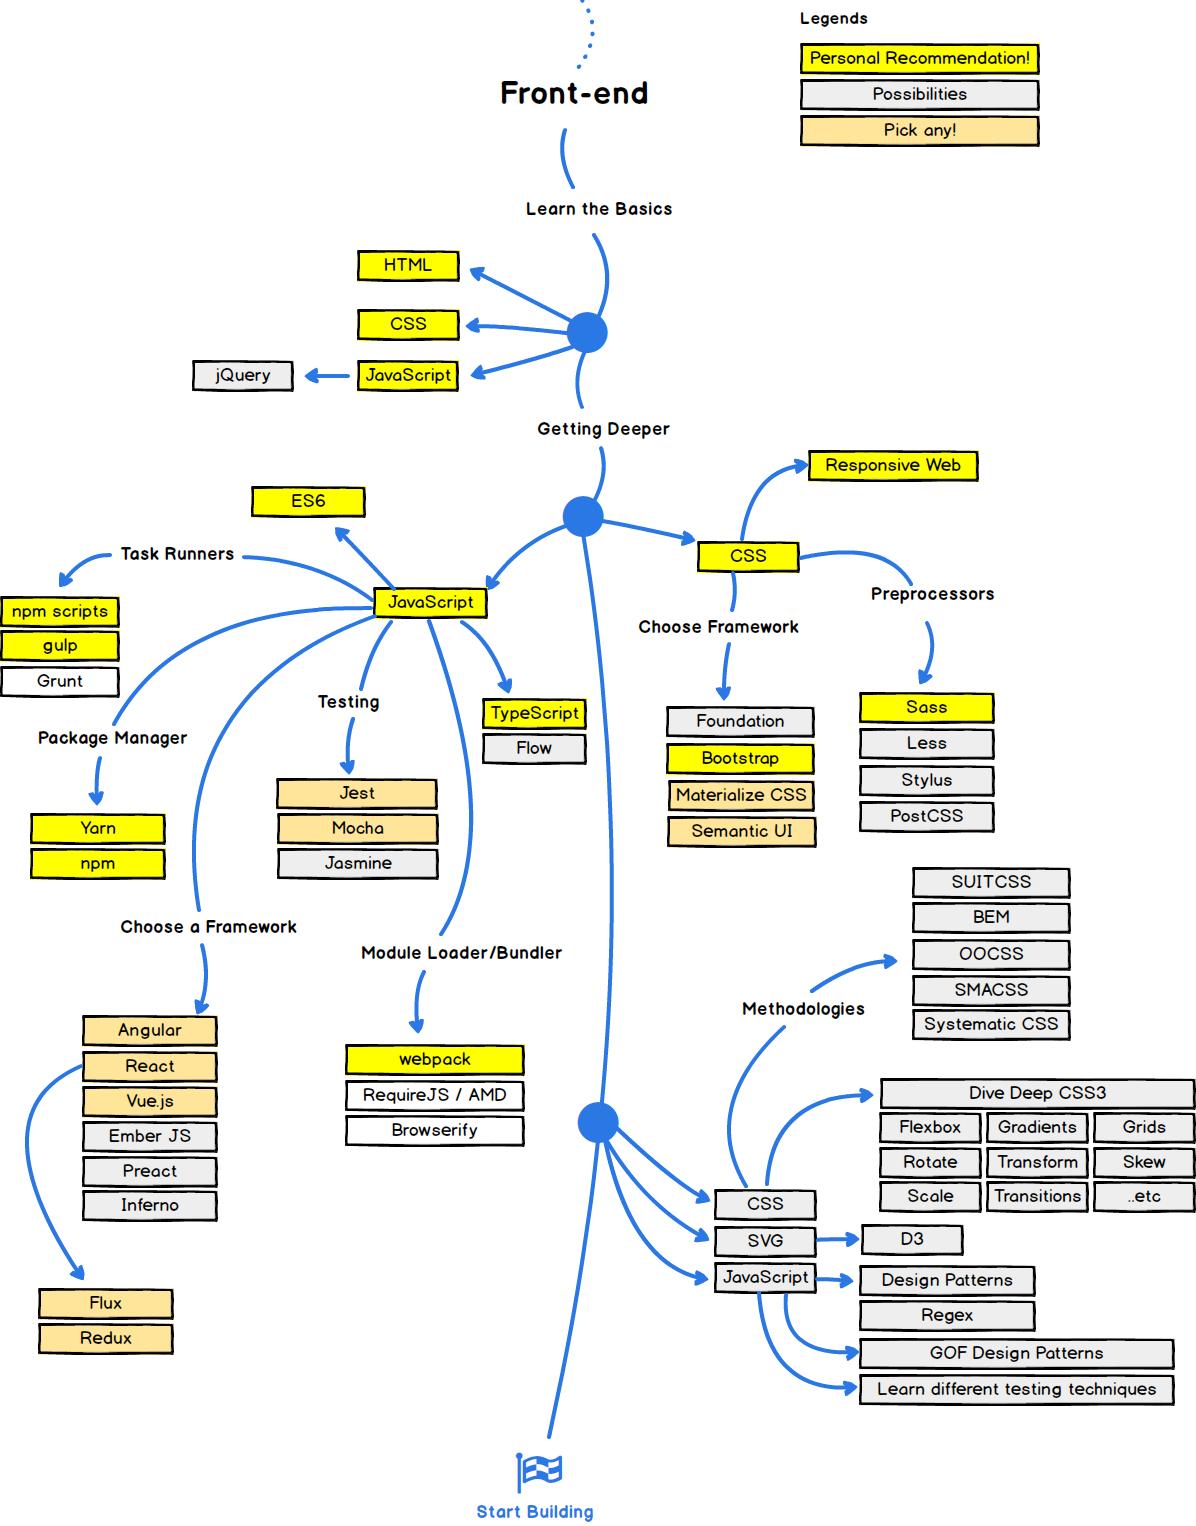 프론트엔드 개발자 로드맵